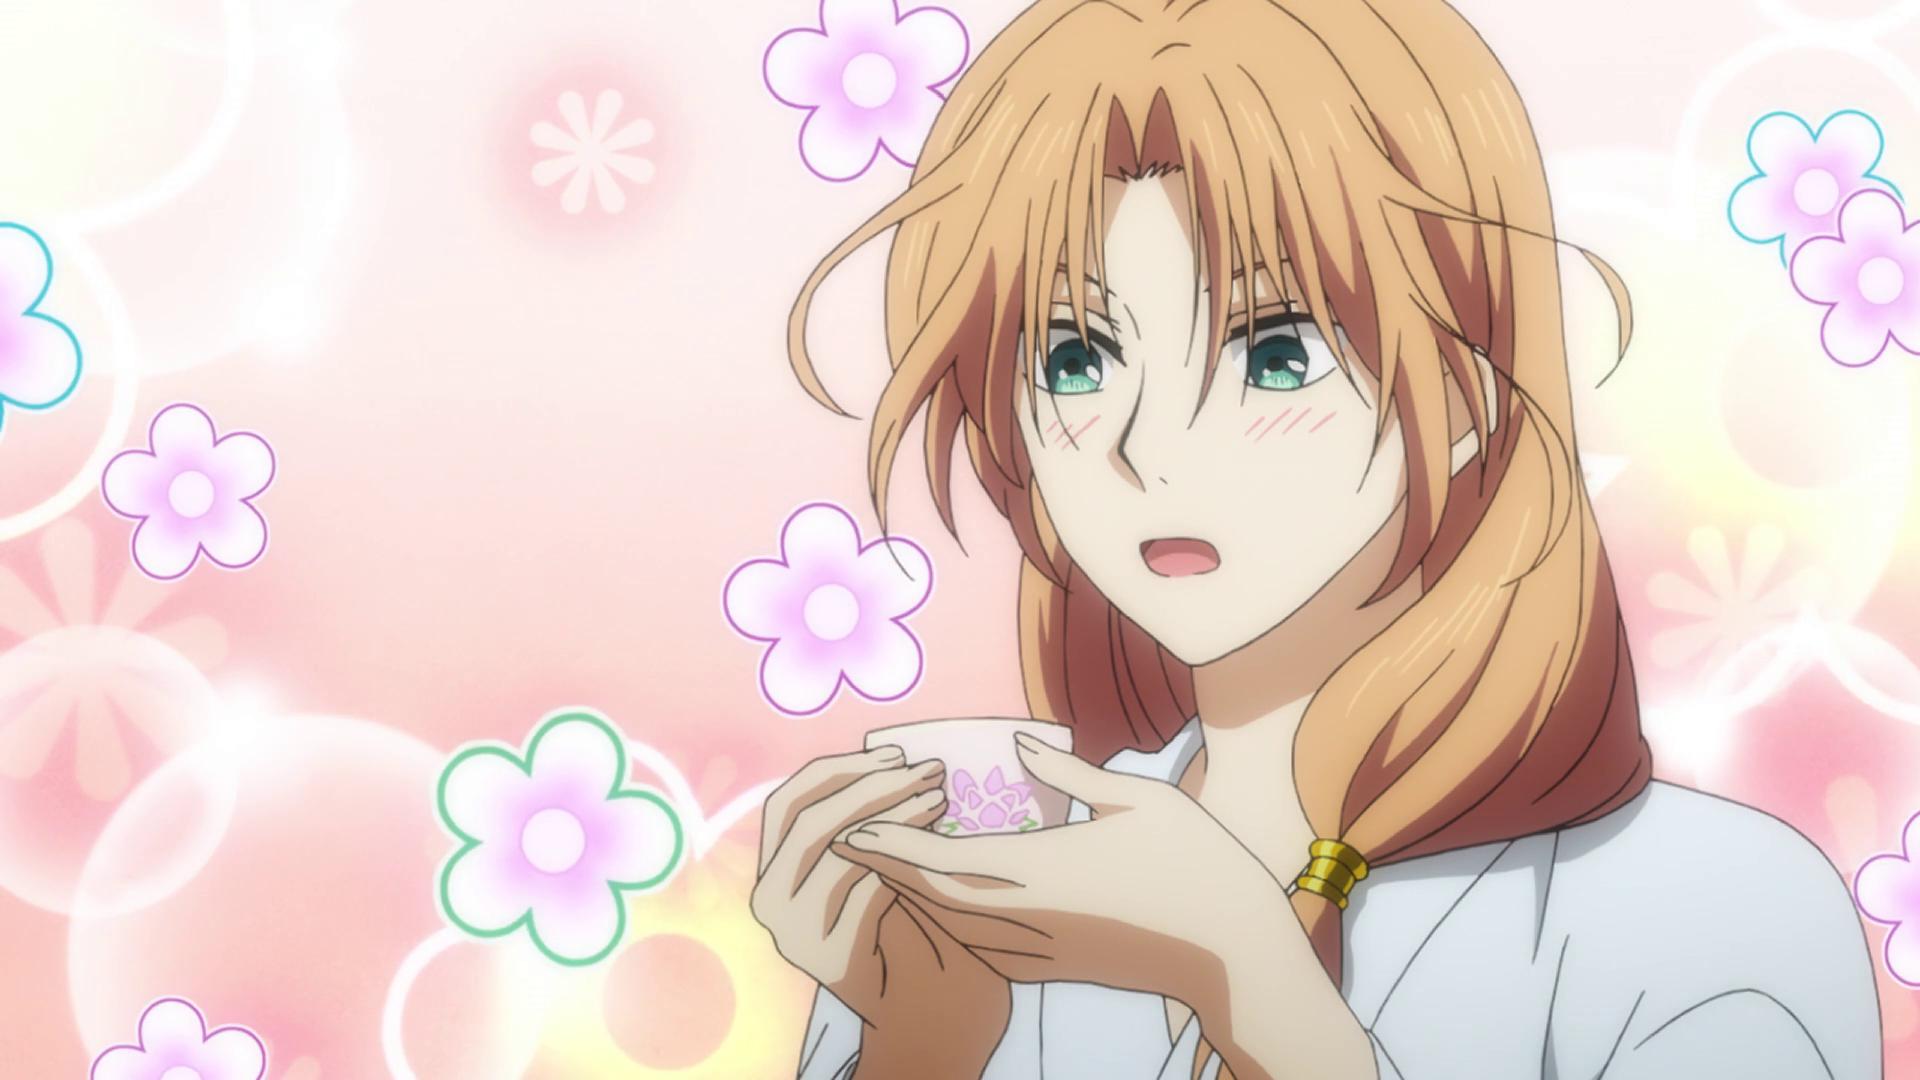 50 Hottest And Sexiest Anime Guys Anime Impulse